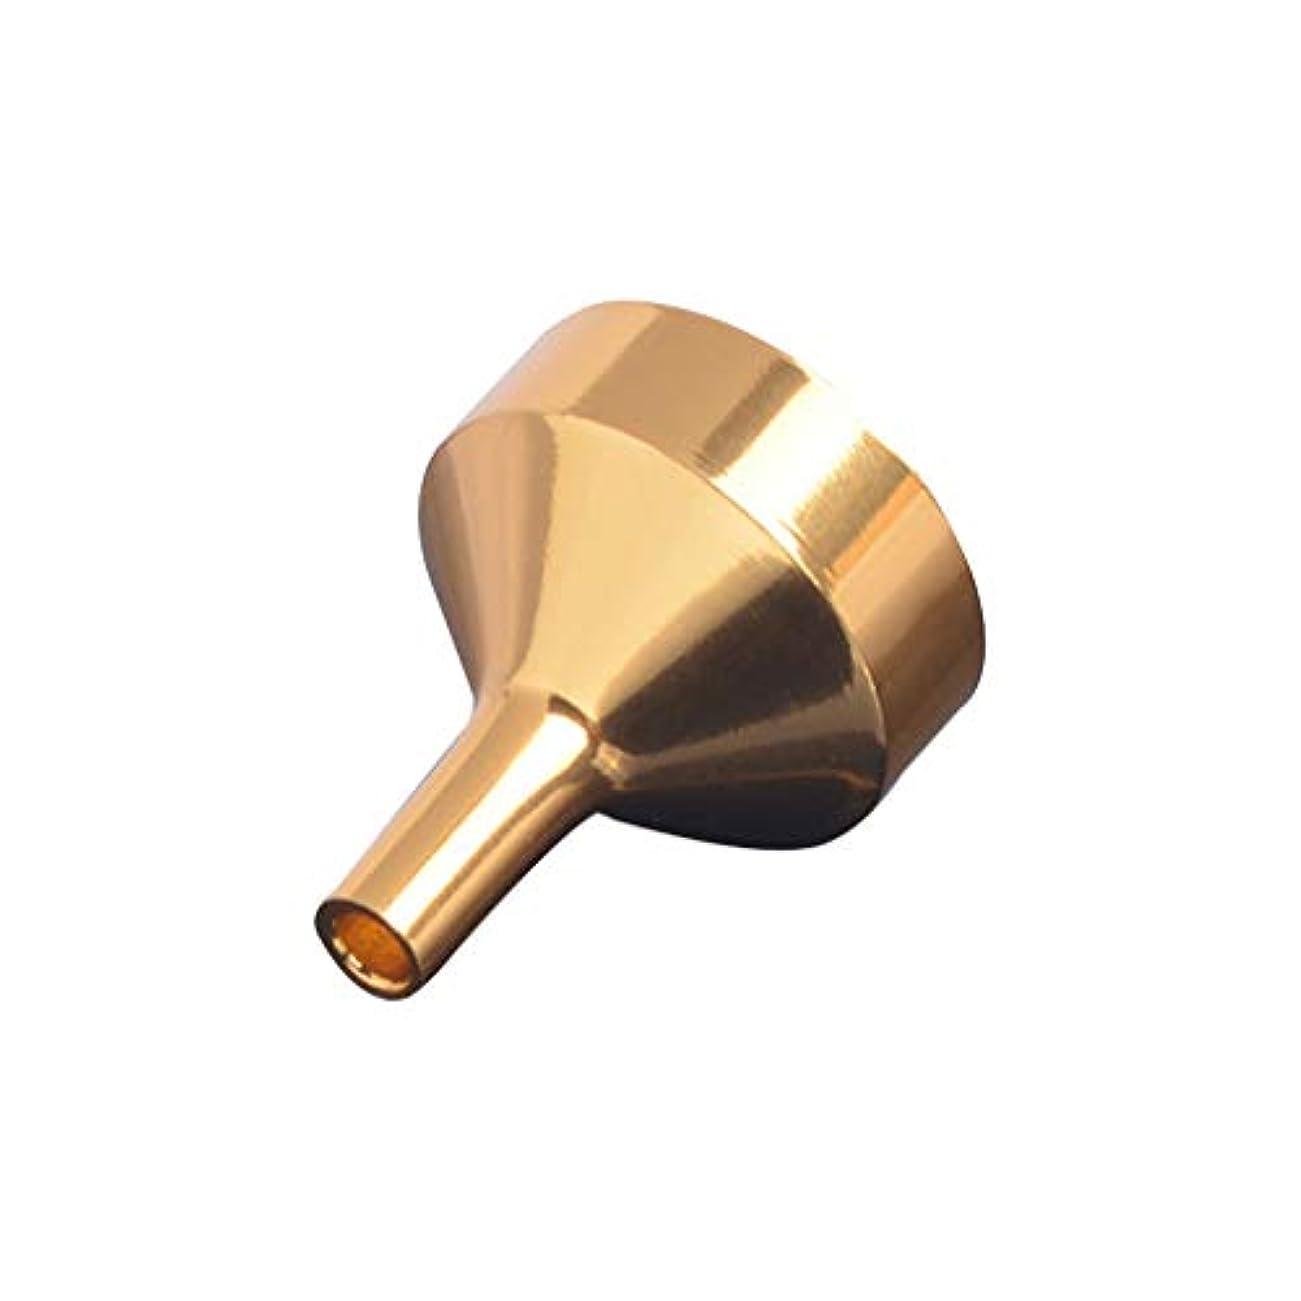 確認成り立つ鳩CICIAOミニ液体漏斗オイルホッパー充填ツール用香水ディフューザーボトルワインポットコンテナー香水漏斗金属ゴールド